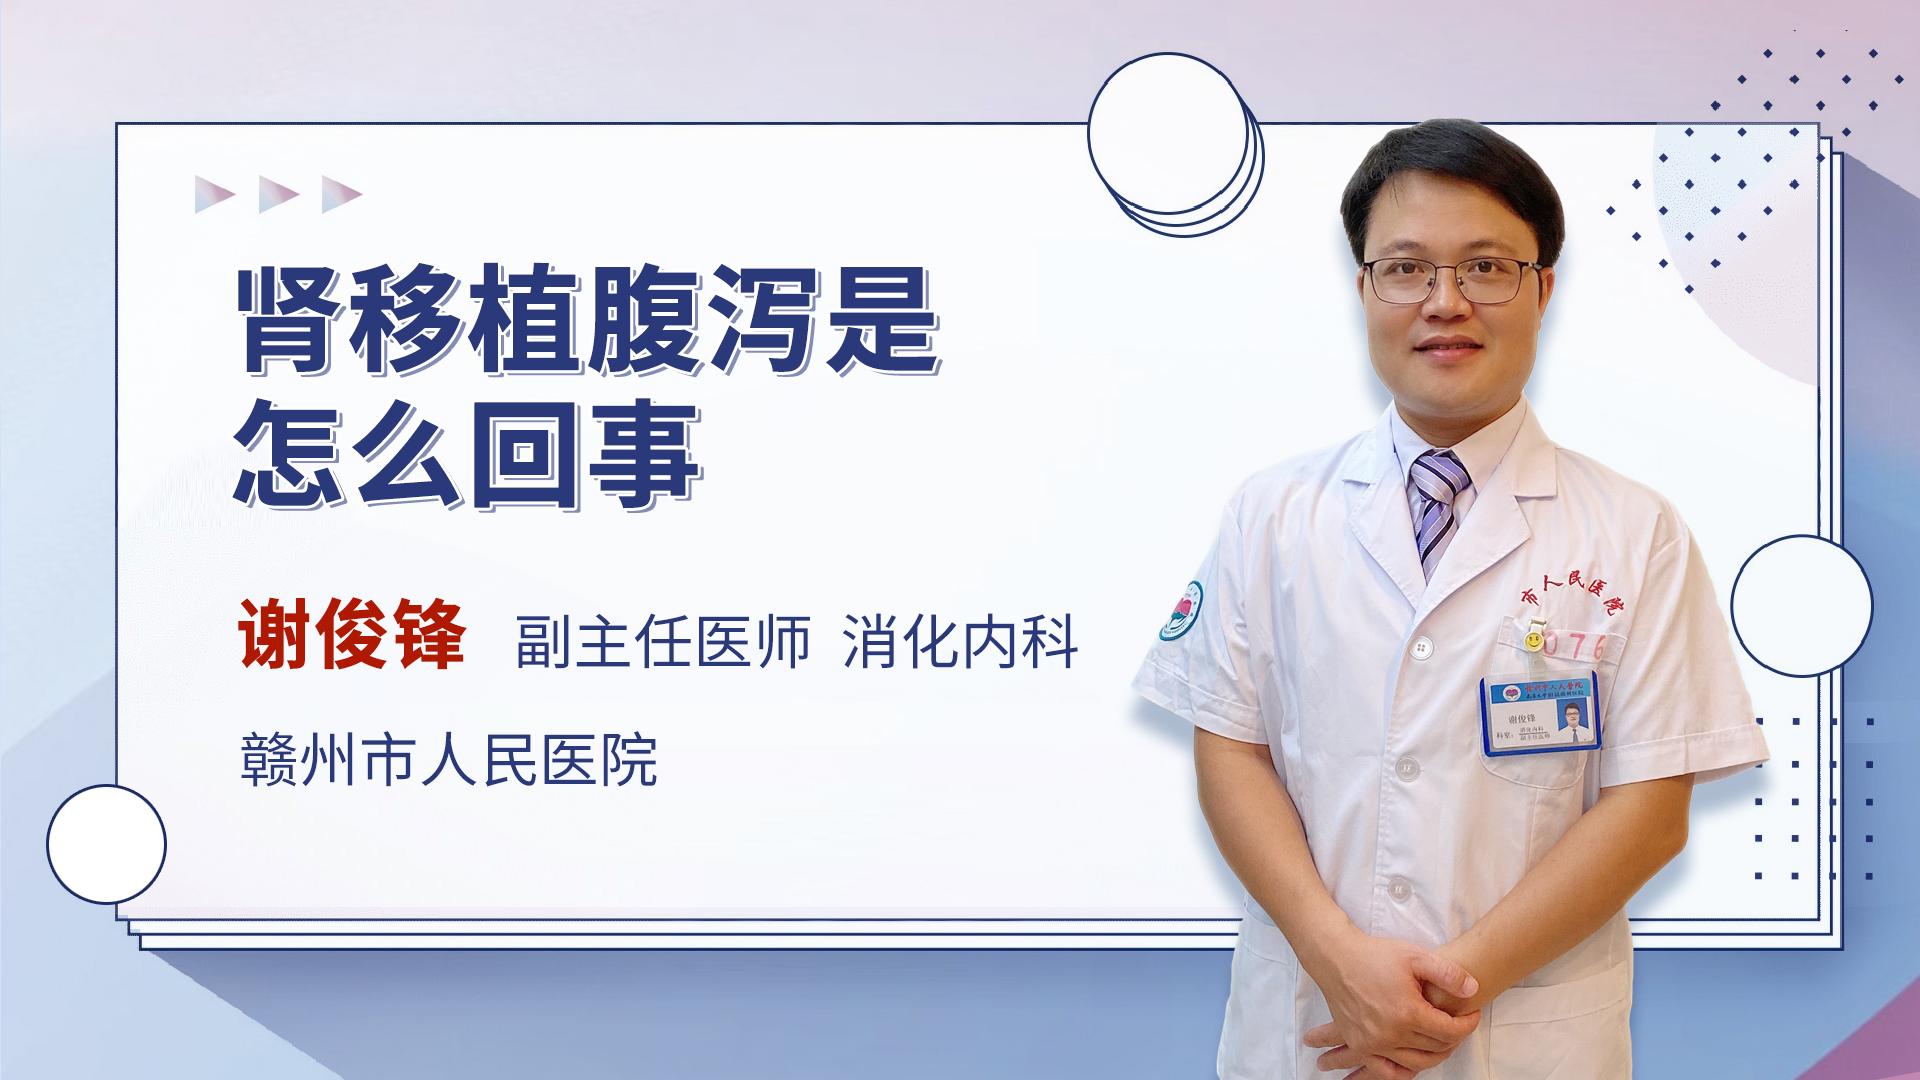 肾移植腹泻是怎么回事